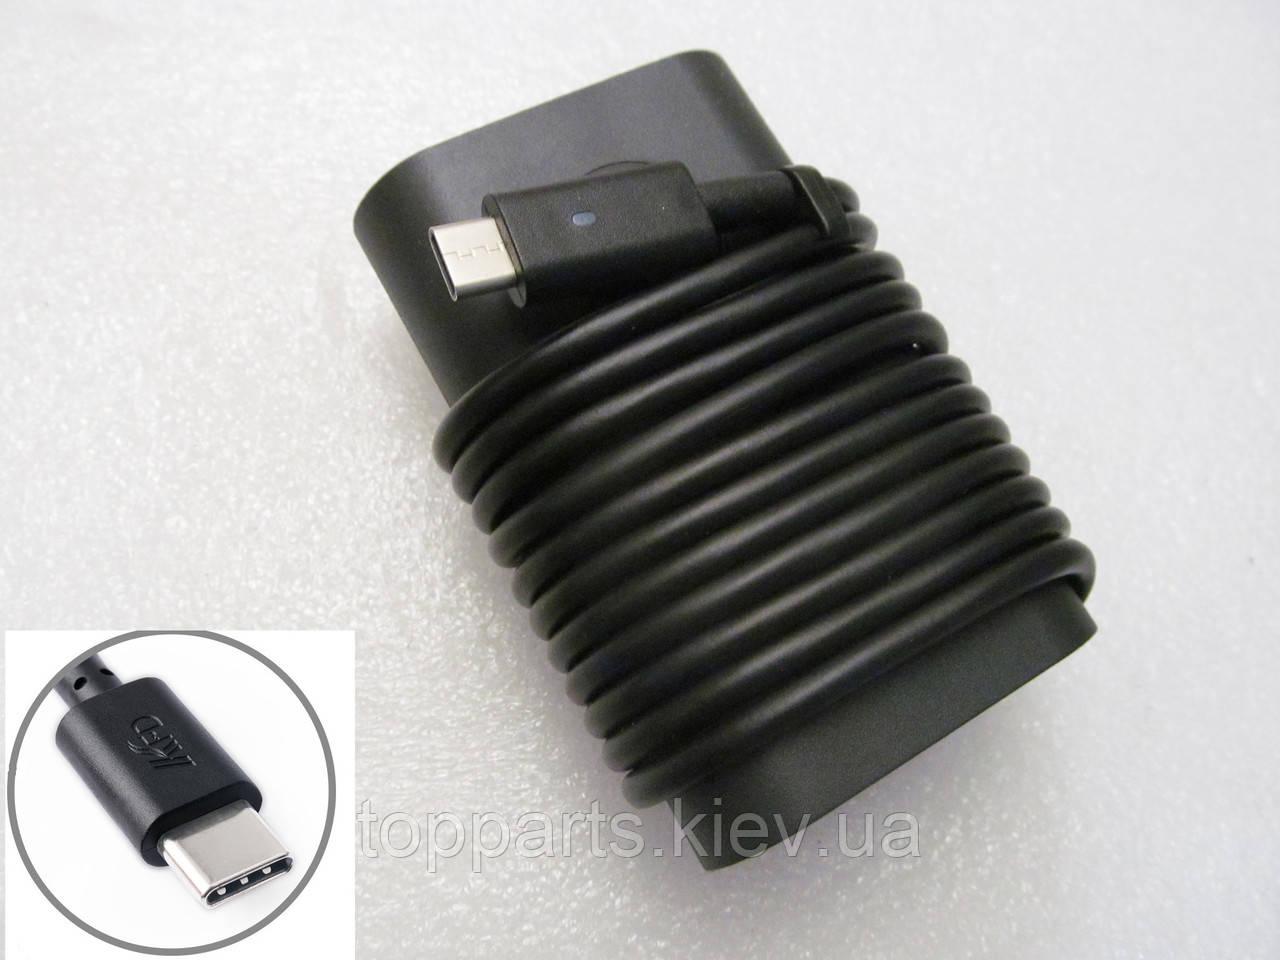 Блок питания Dell 45W LA45NM150 oval-корпус 20V, 2.25A + 5V, 2A, разъе